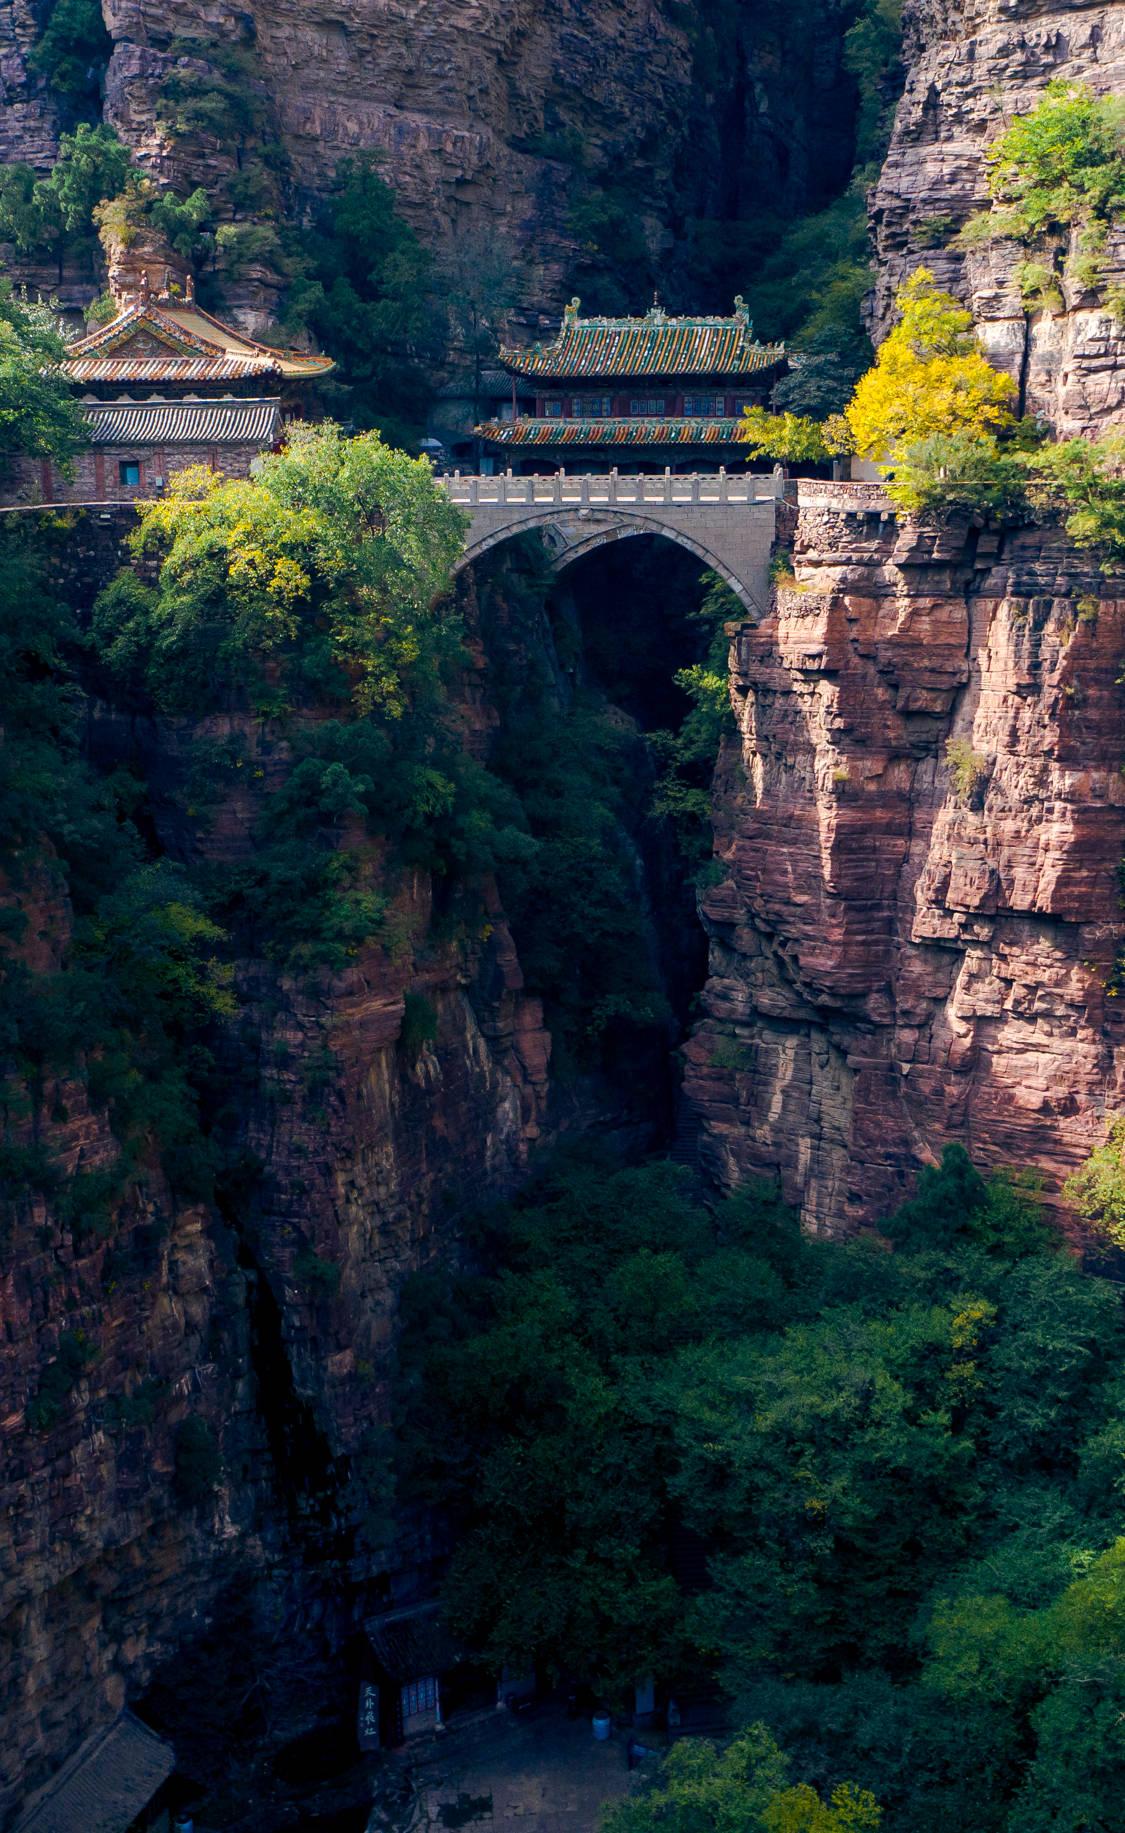 """凌空飞架!河北有座""""悬空寺"""",横跨断崖绝壁间500年,堪称奇观"""